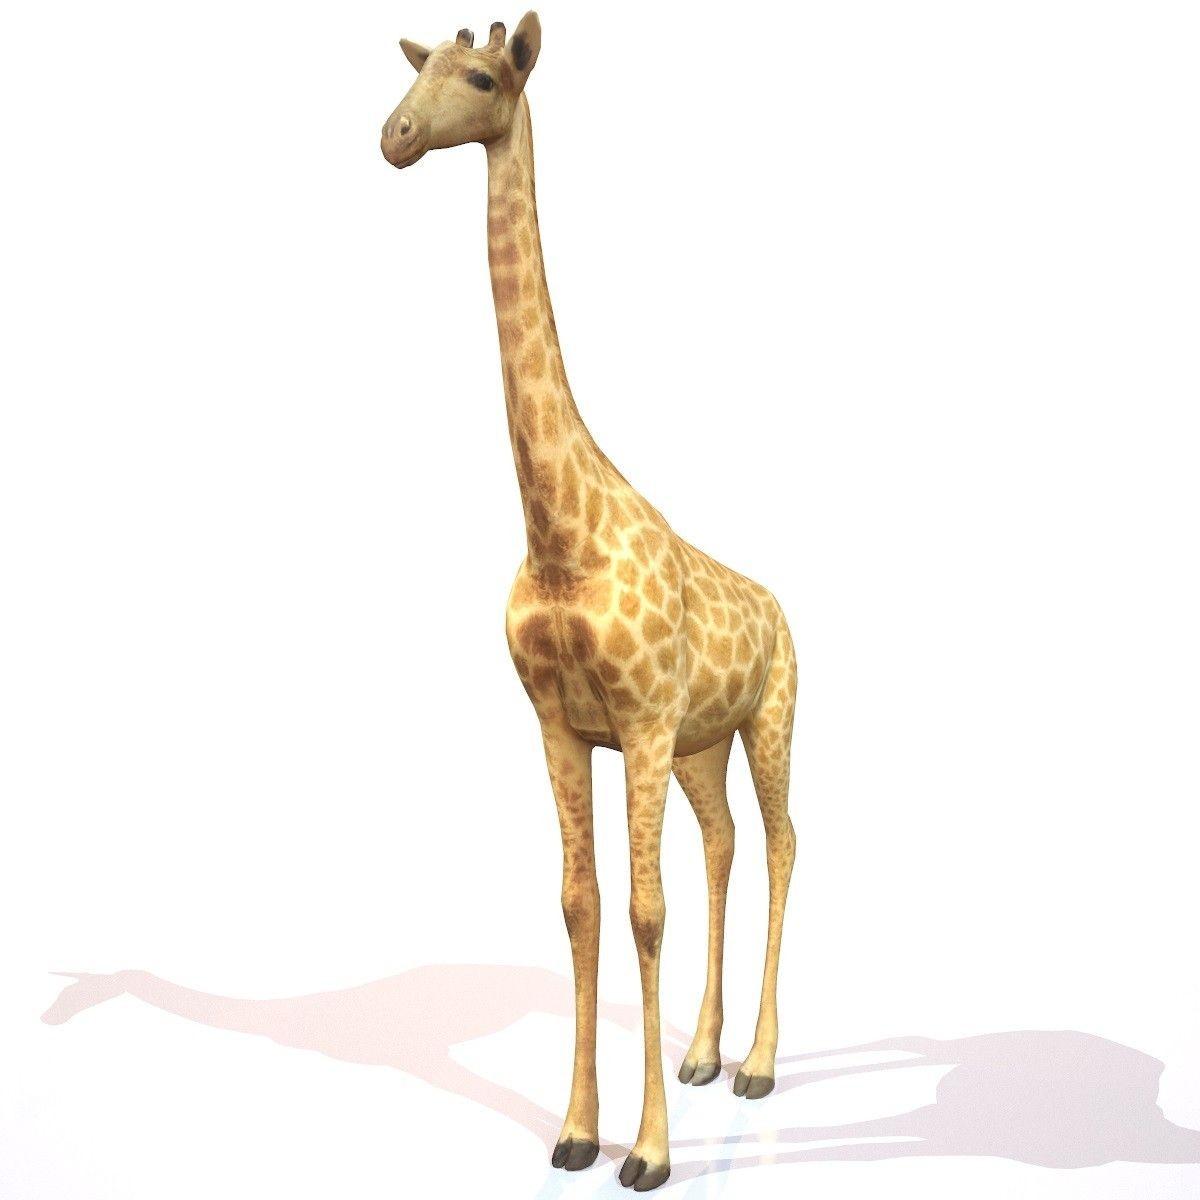 Giraffe Papercraft Giraffe Realistic 3d Model 3d Model 3d Modeling